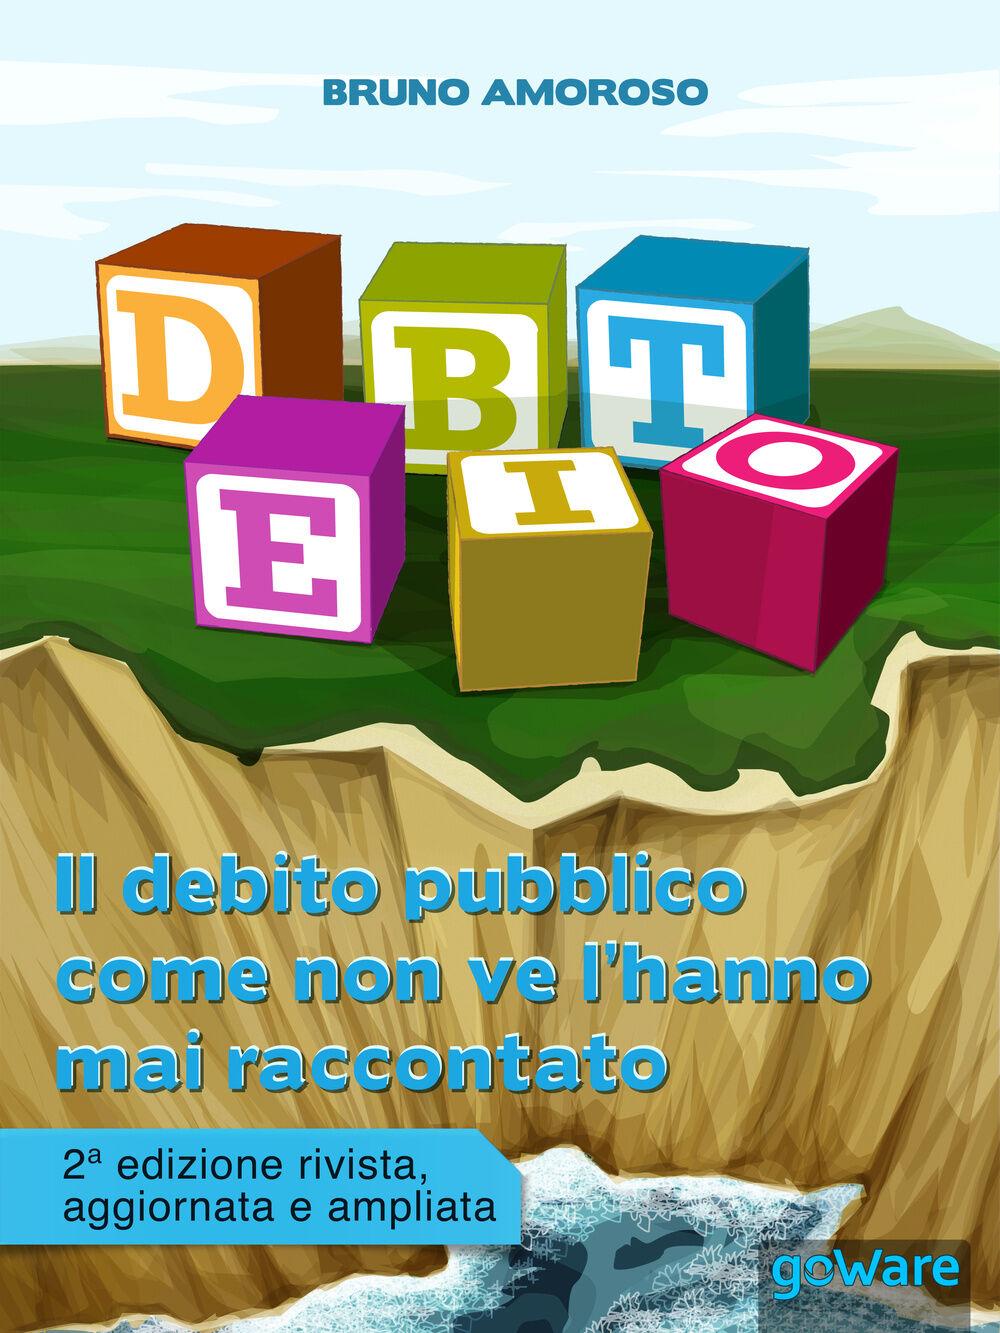 Il debito pubblico come non ve l'hanno mai raccontato